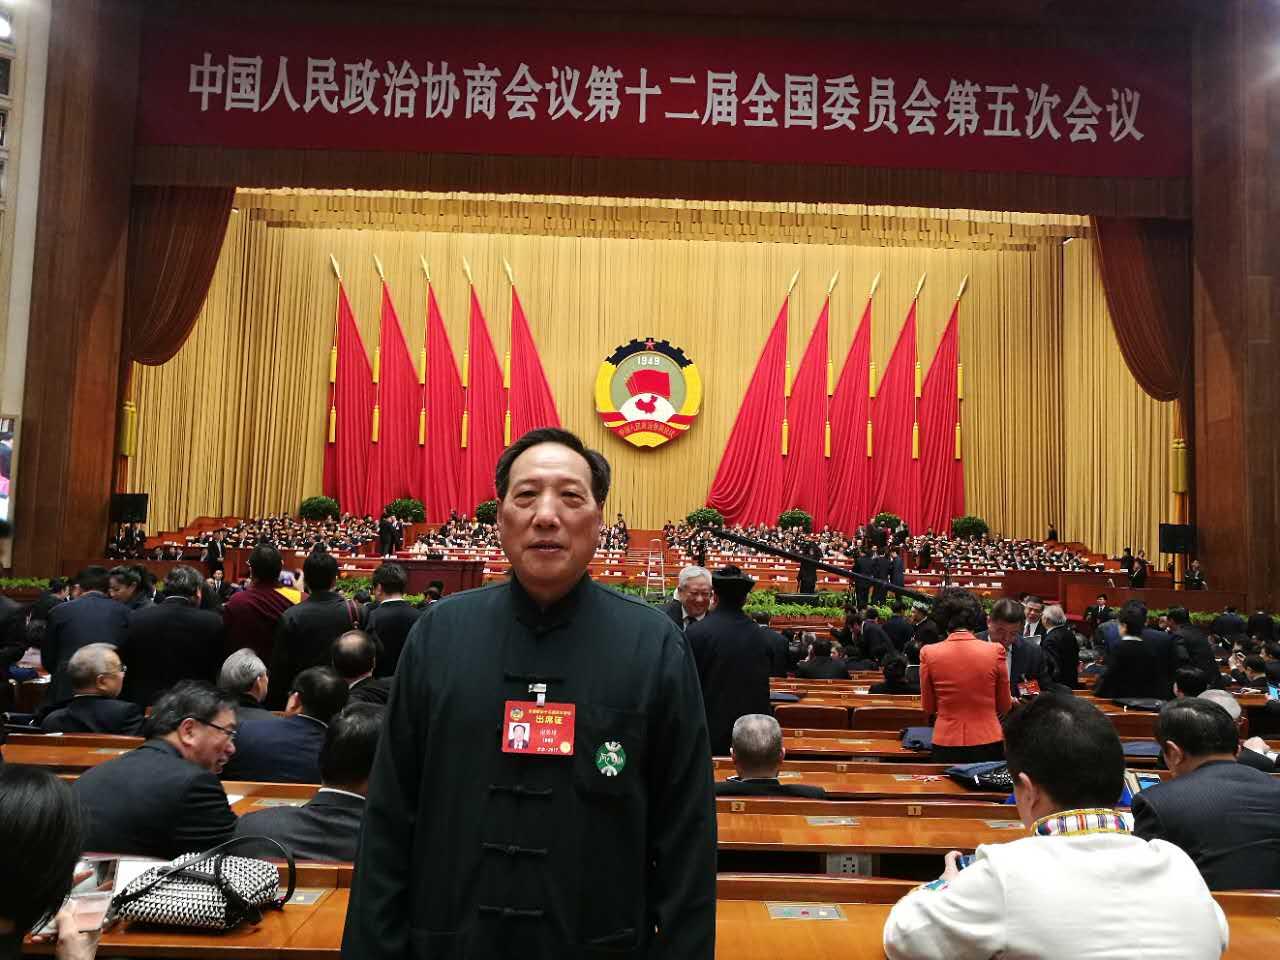 全国政协委员、中国道教协会副会长、福建省道教协会会长谢荣增道长